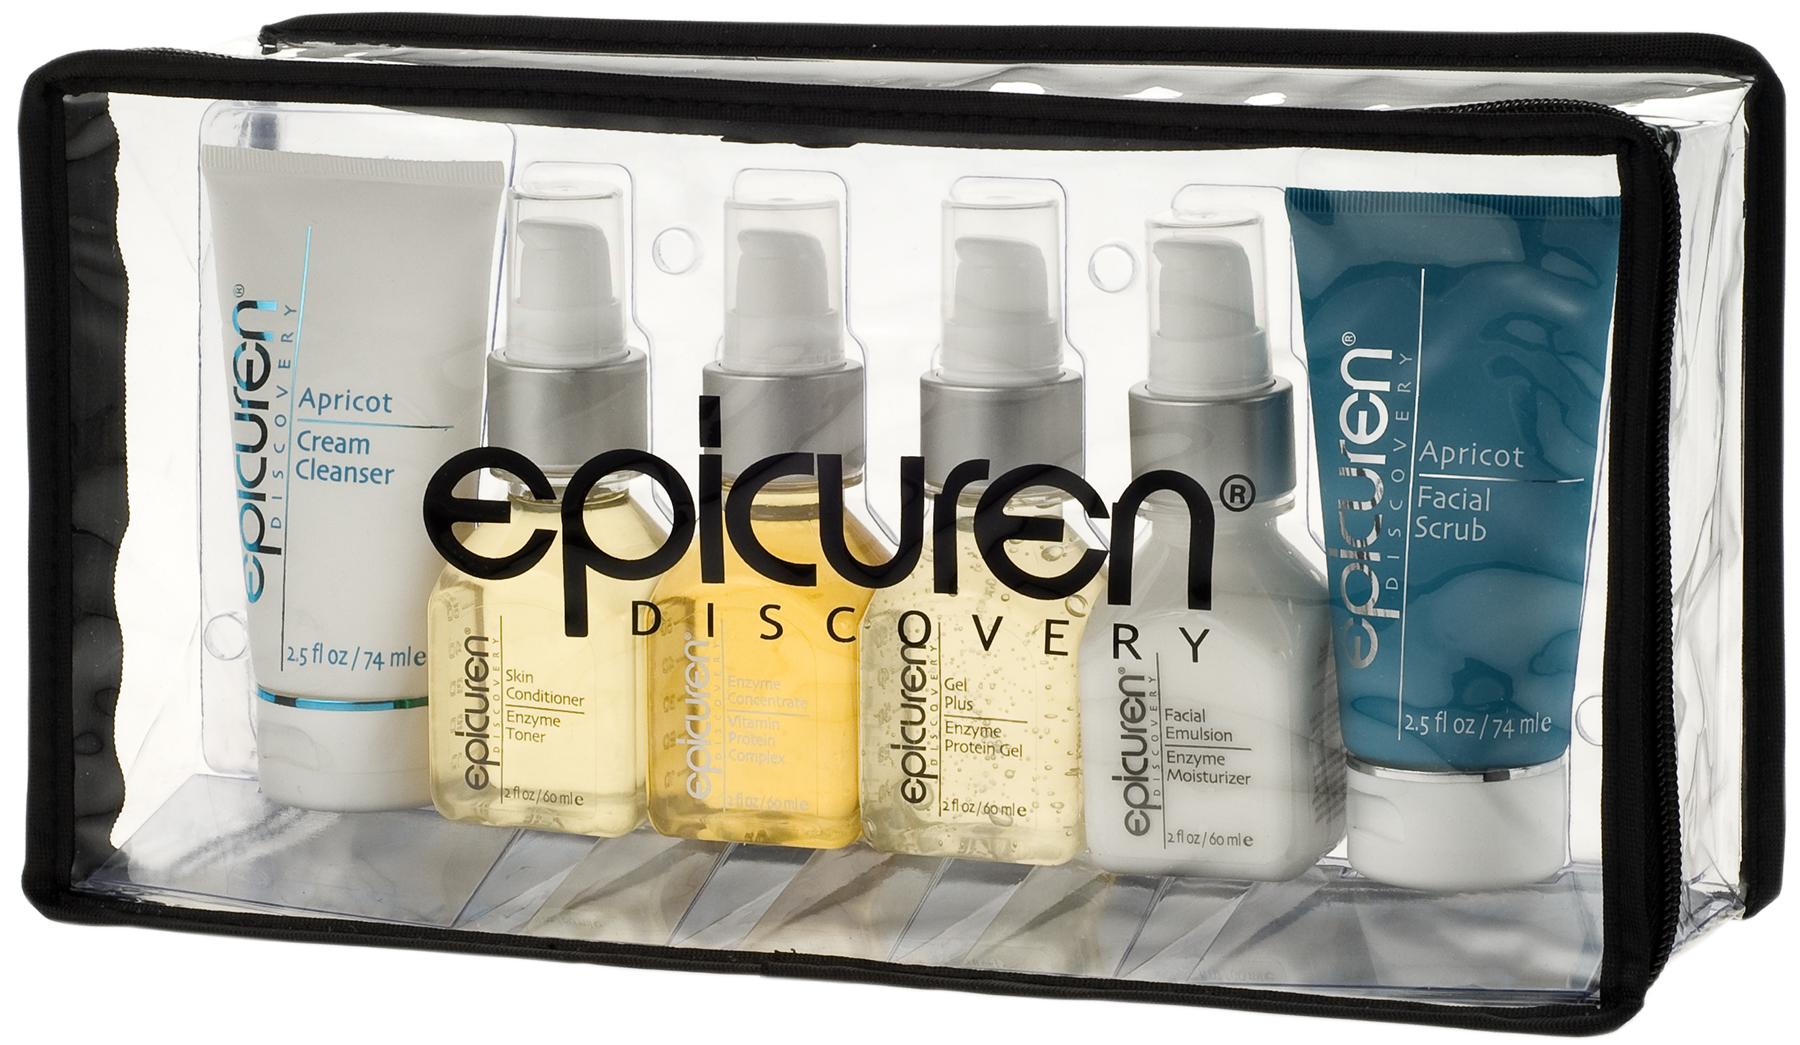 Epicuran facial products